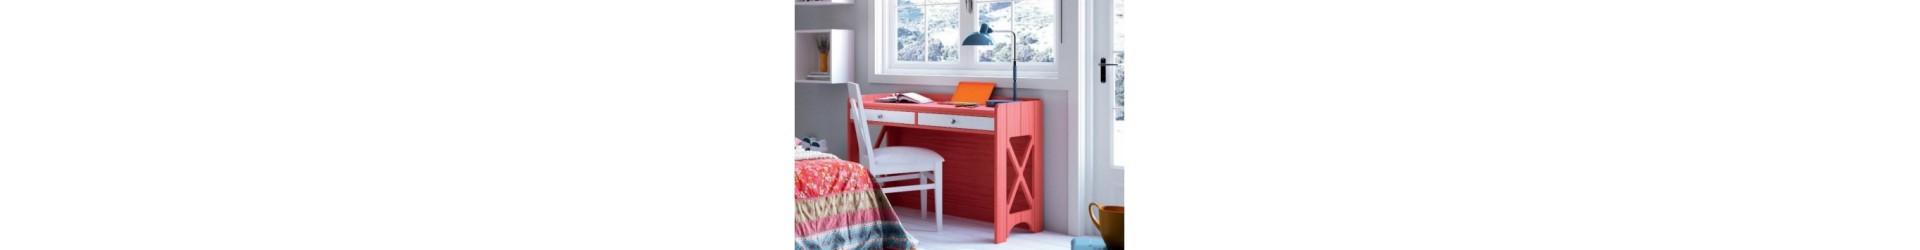 Mesas de despacho y escritorio modernas muebles modernos for Mesas de despacho modernas